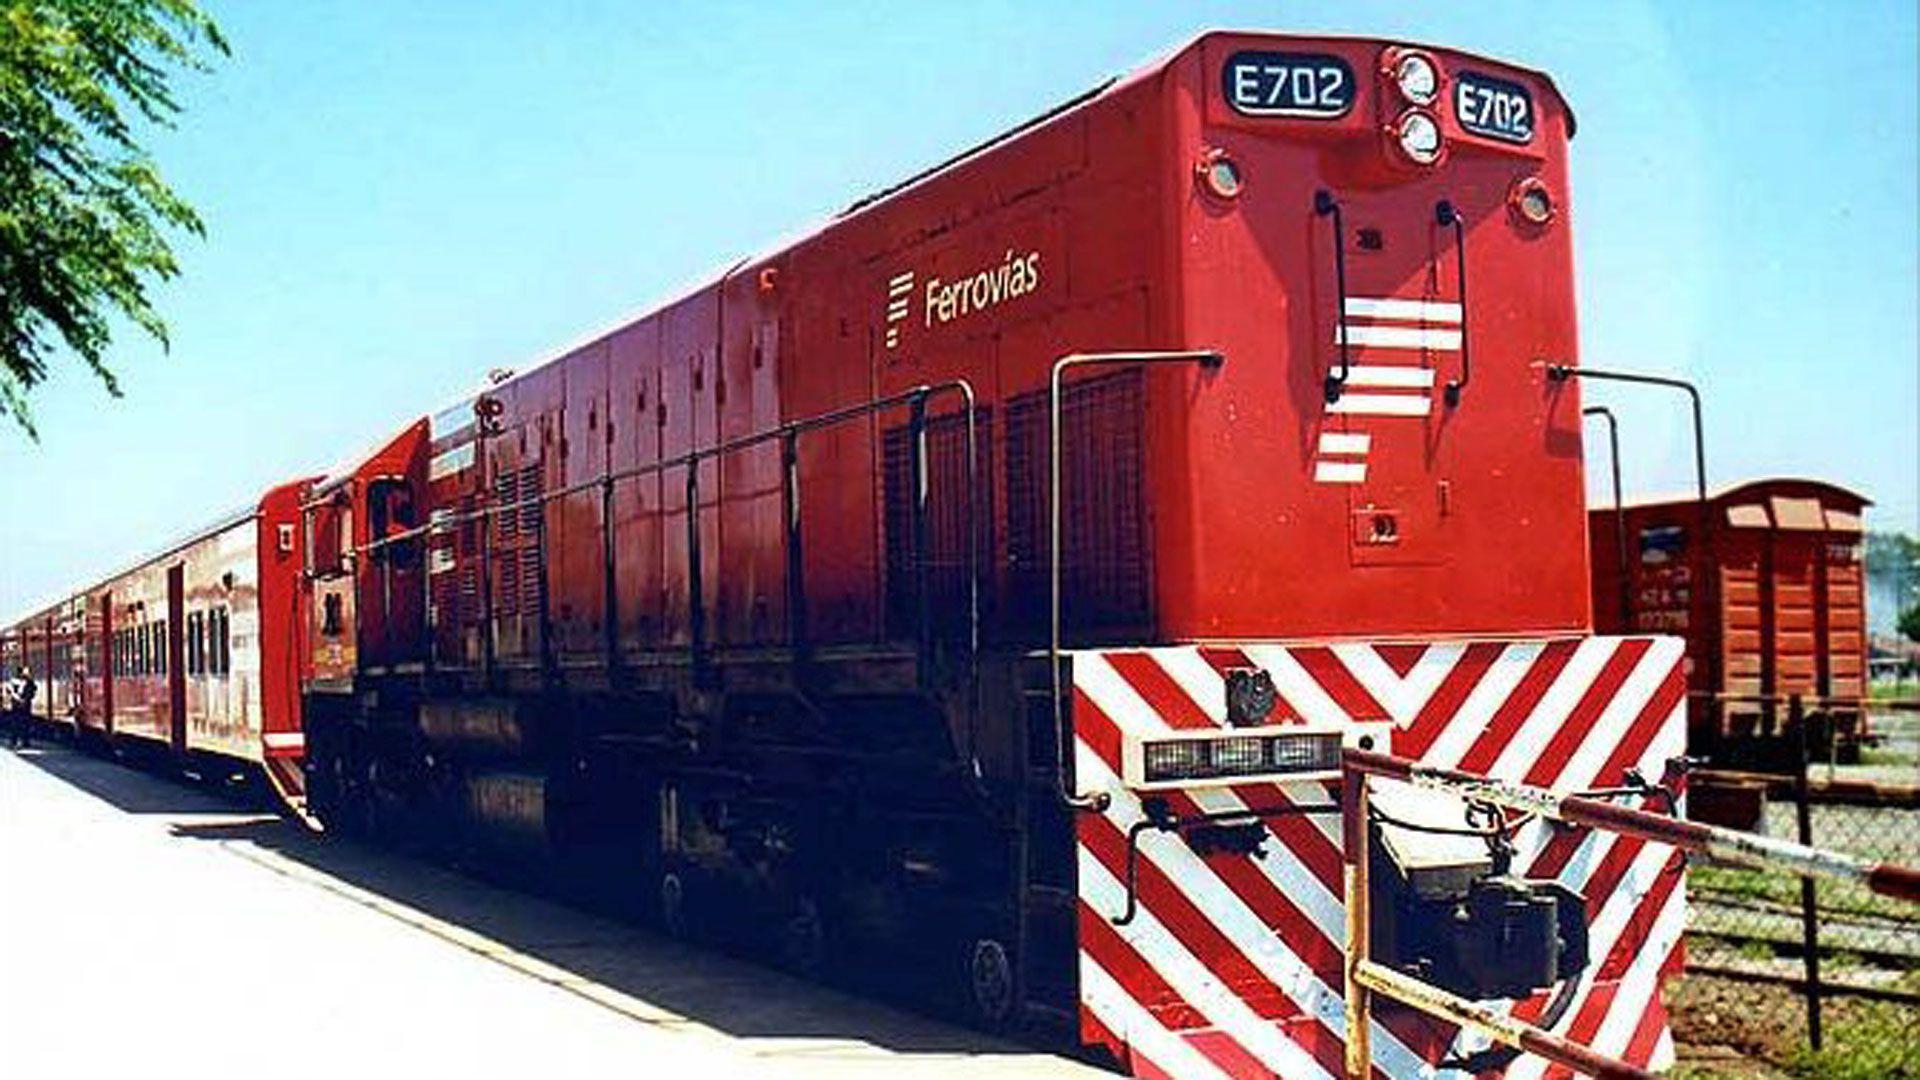 La empresa Ferrovías dejará de operar la línea Belgrano Norte